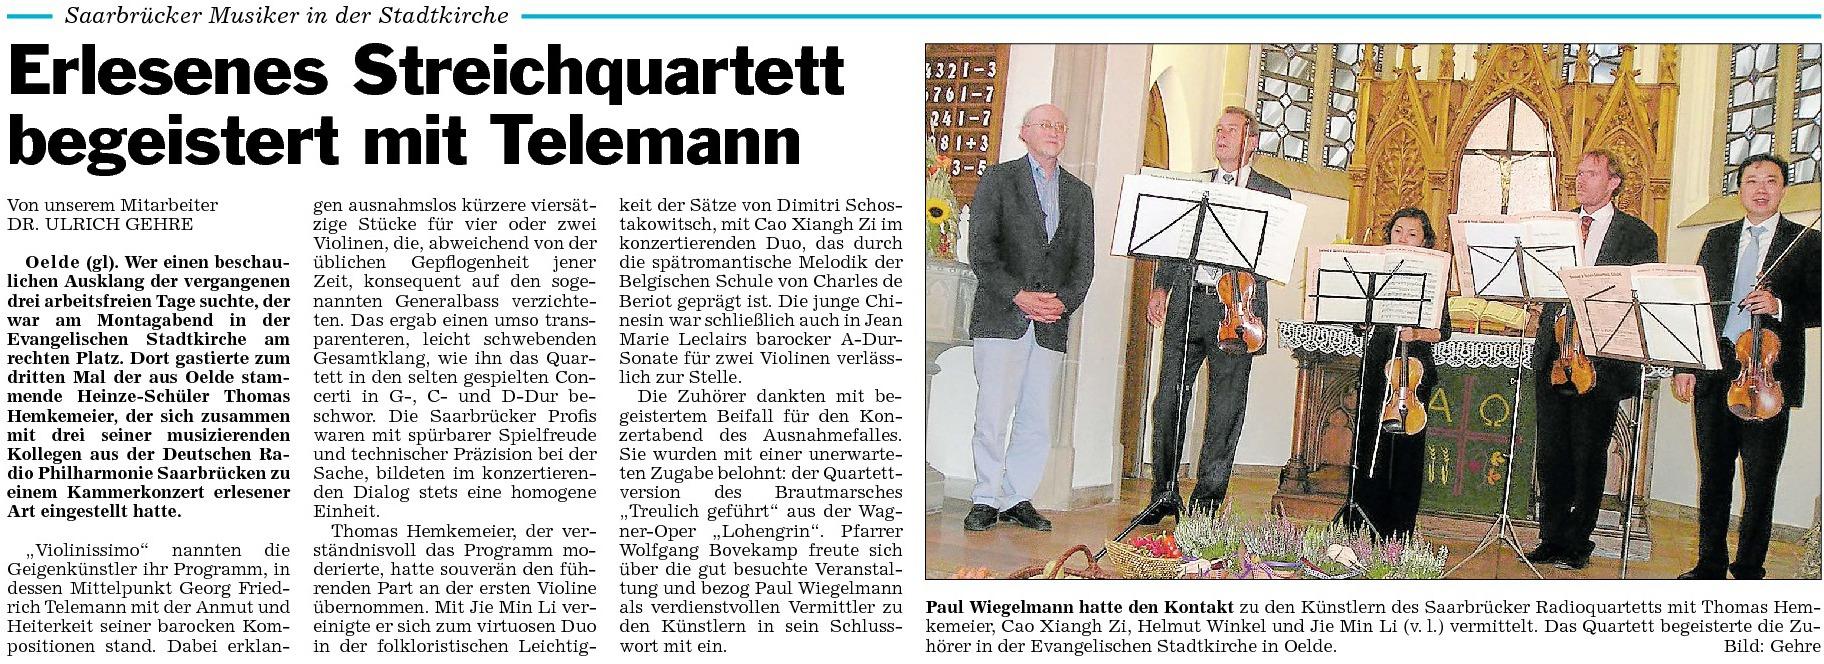 29a Presse 03.10.2011 Thomas